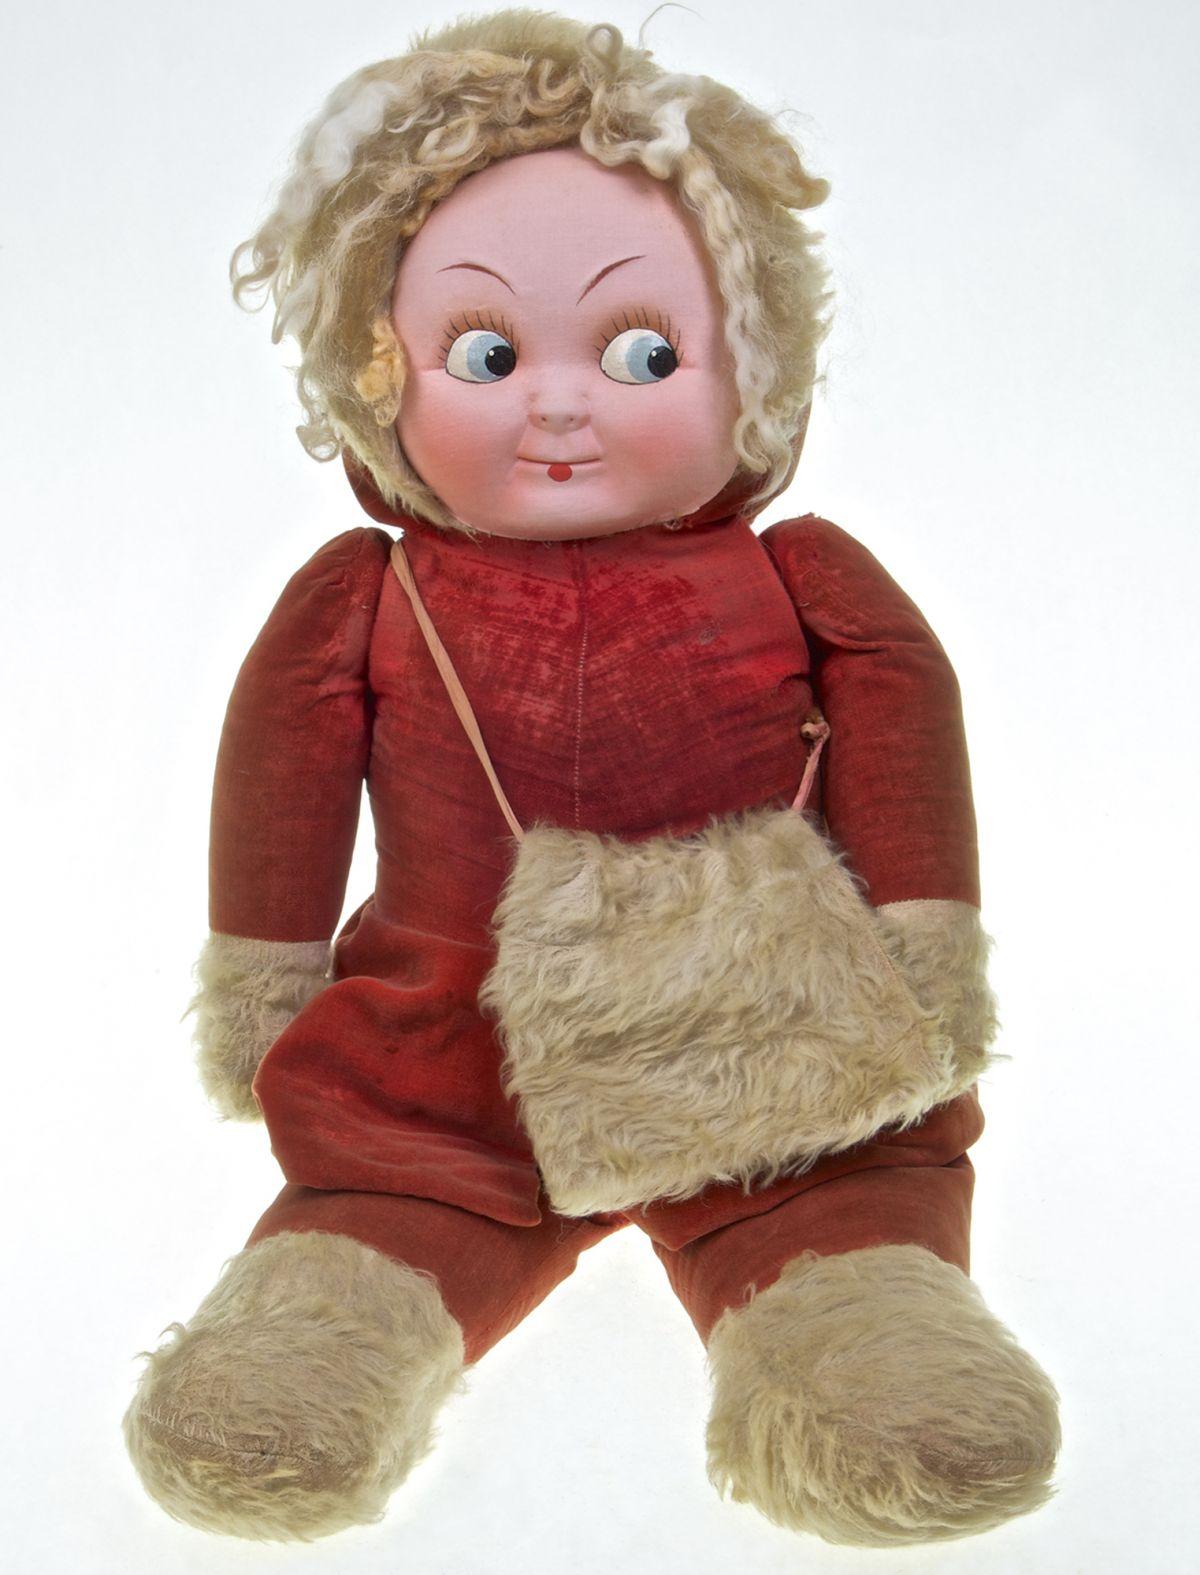 Vintage Stuffed Kewpie Doll